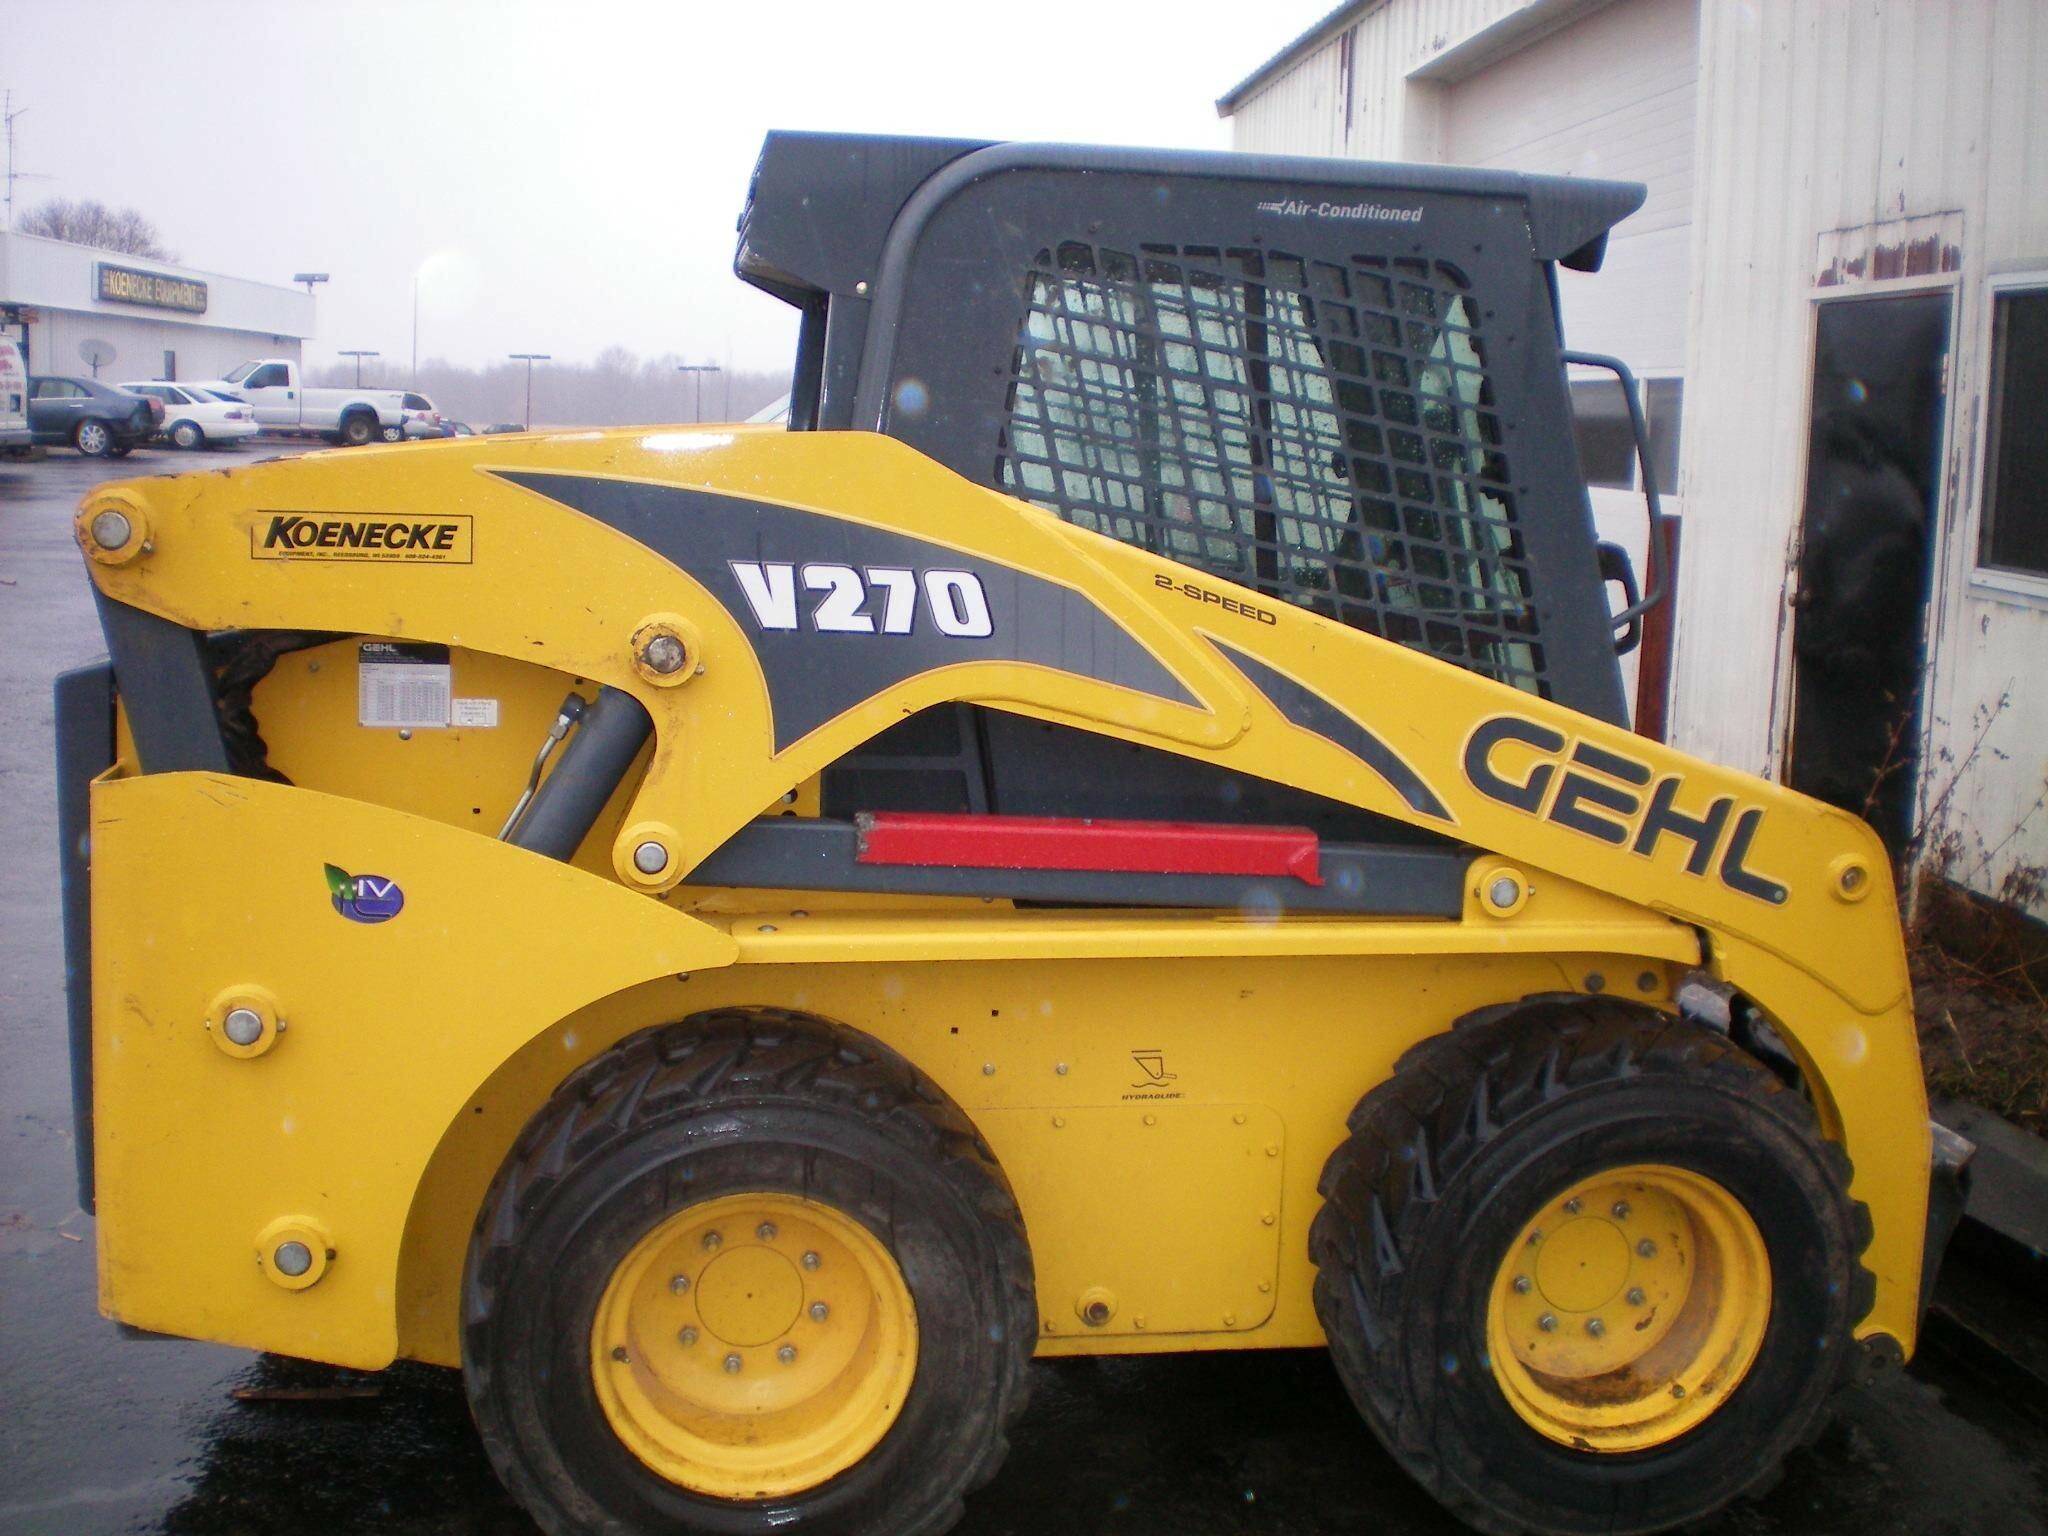 2012 Gehl V270 Skid Steer